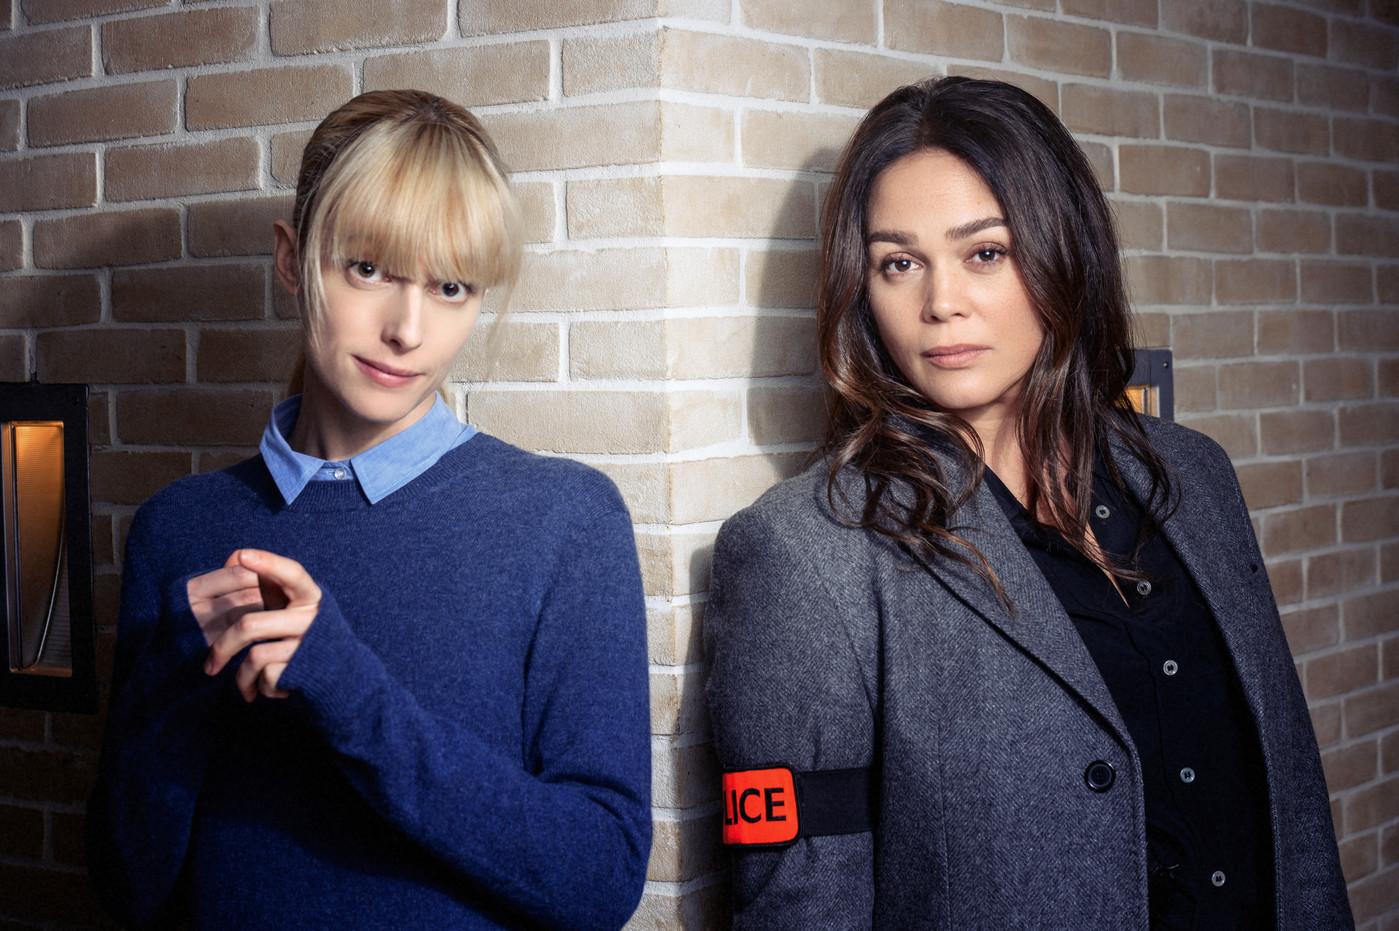 Astrid et Raphaelle serie tv attori